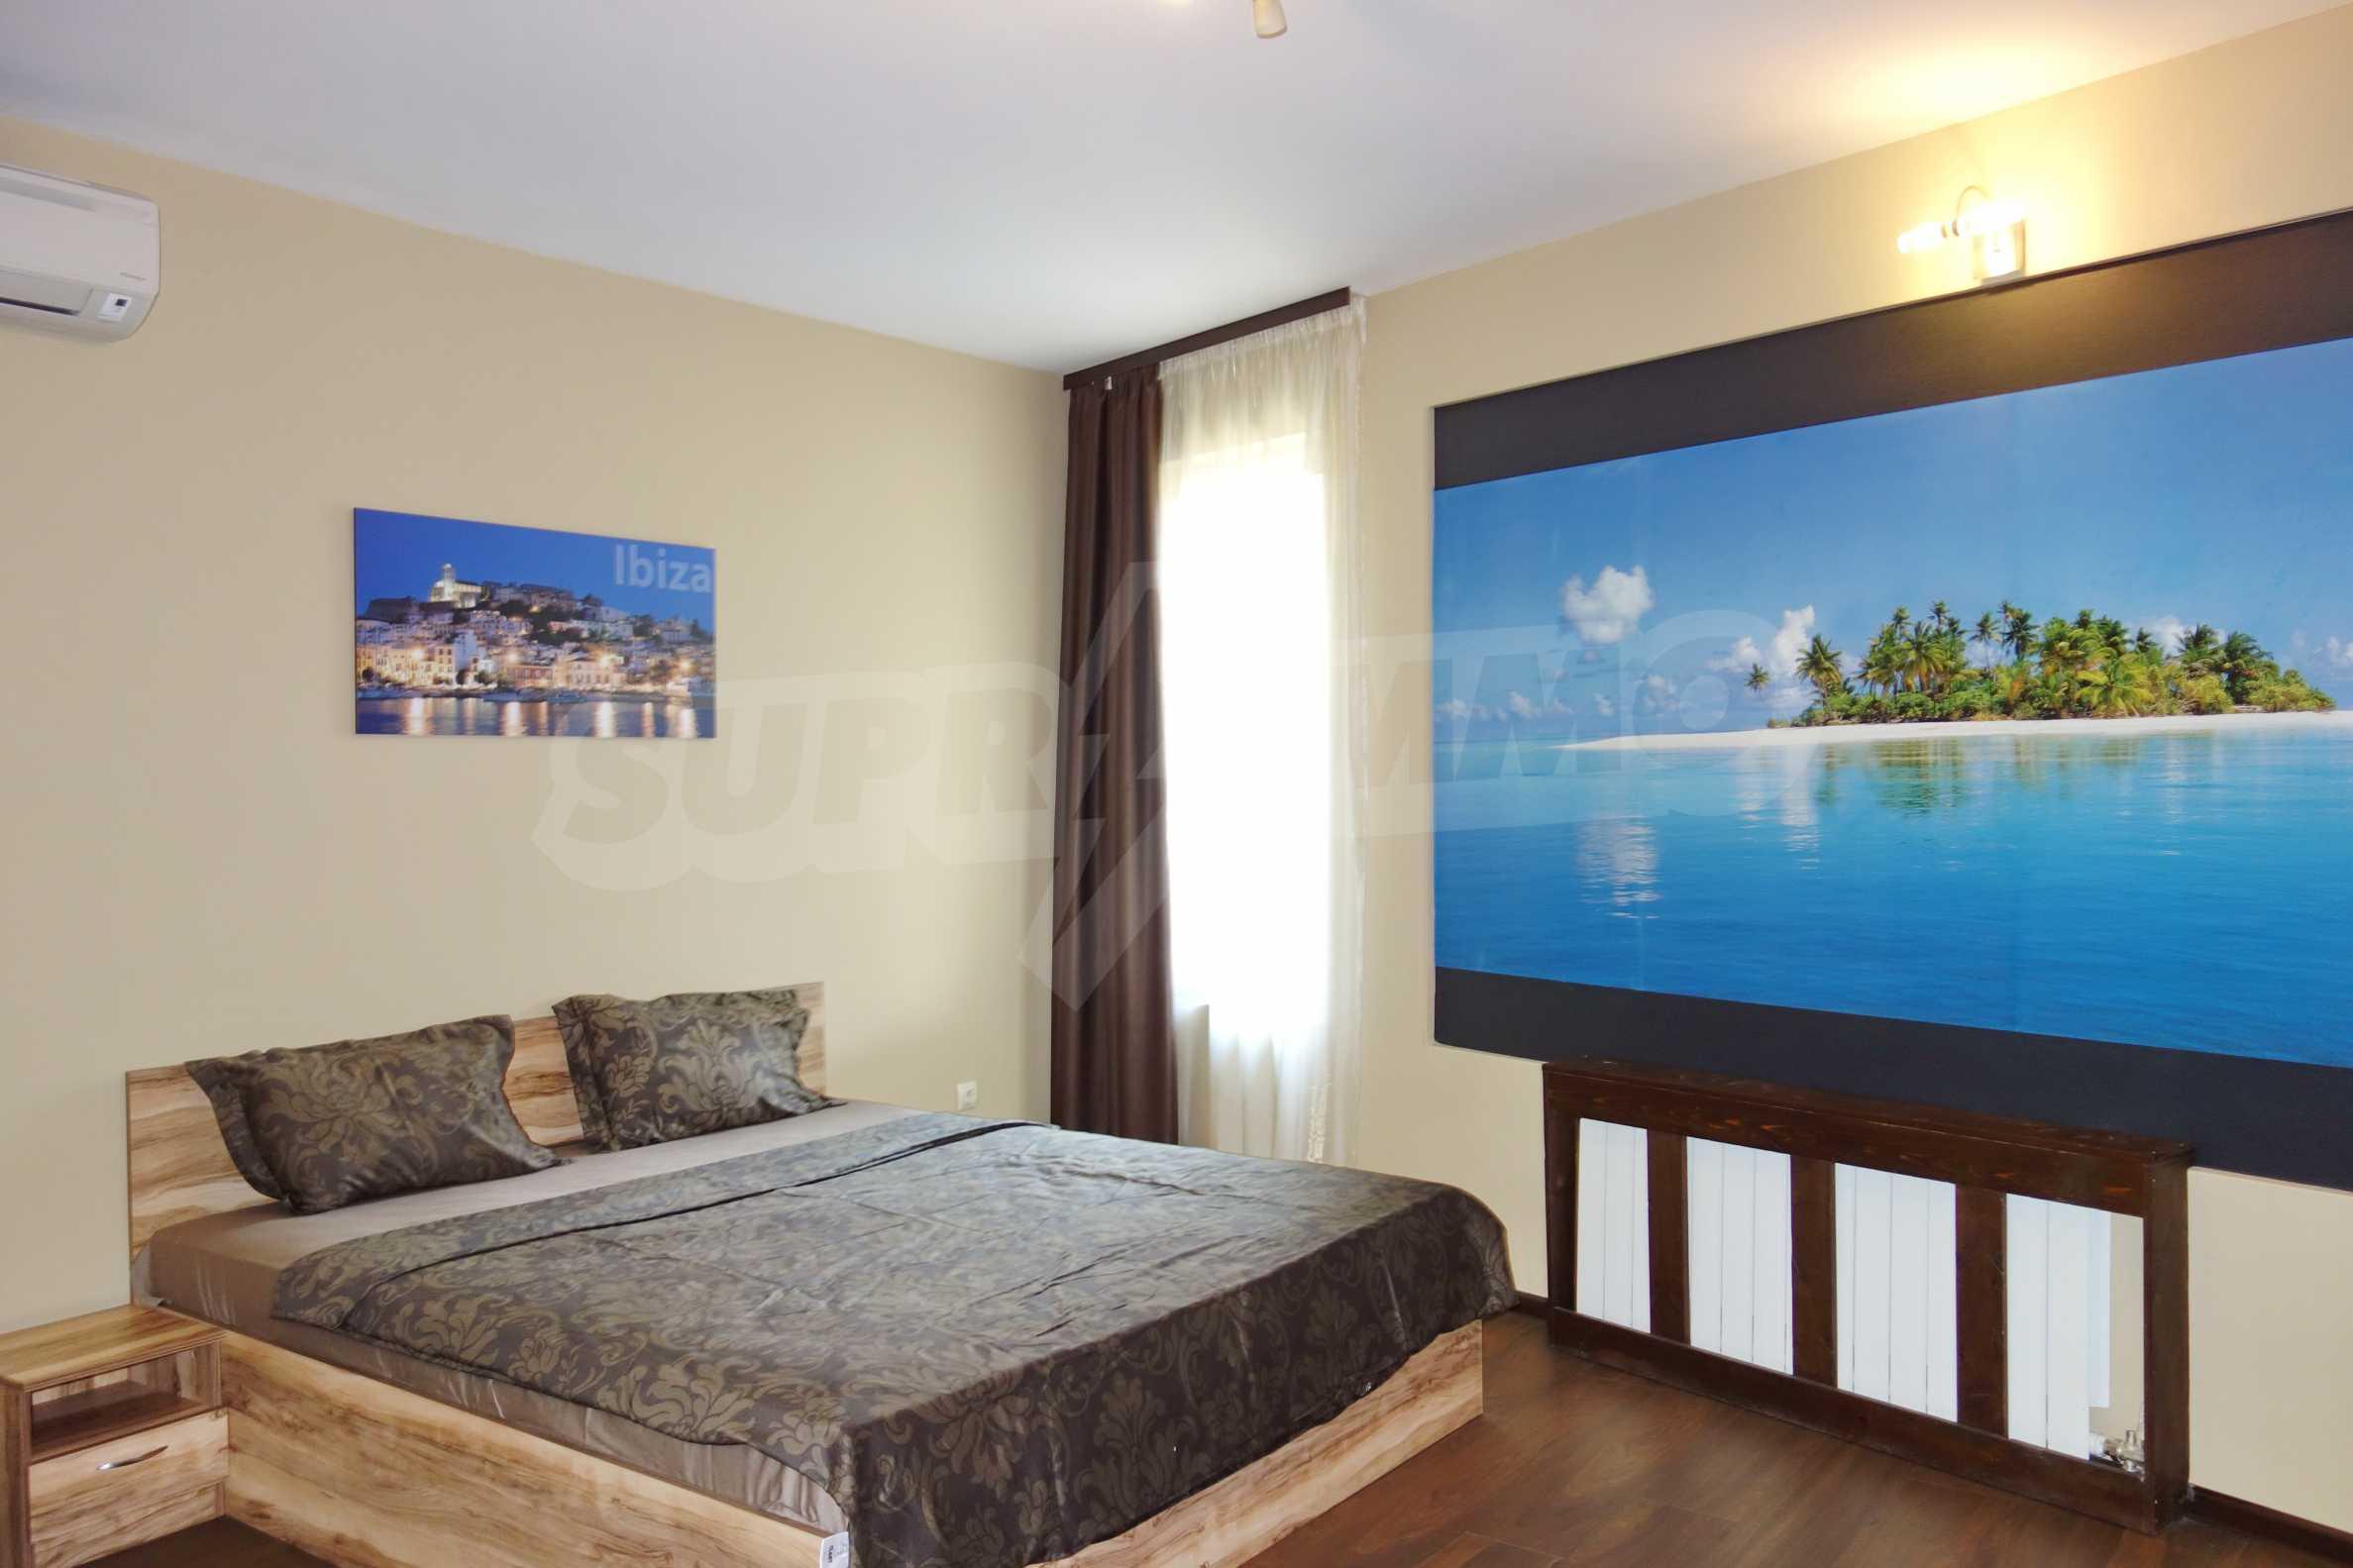 Луксозен спа хотел в центъра на гр. Елин Пелин 13